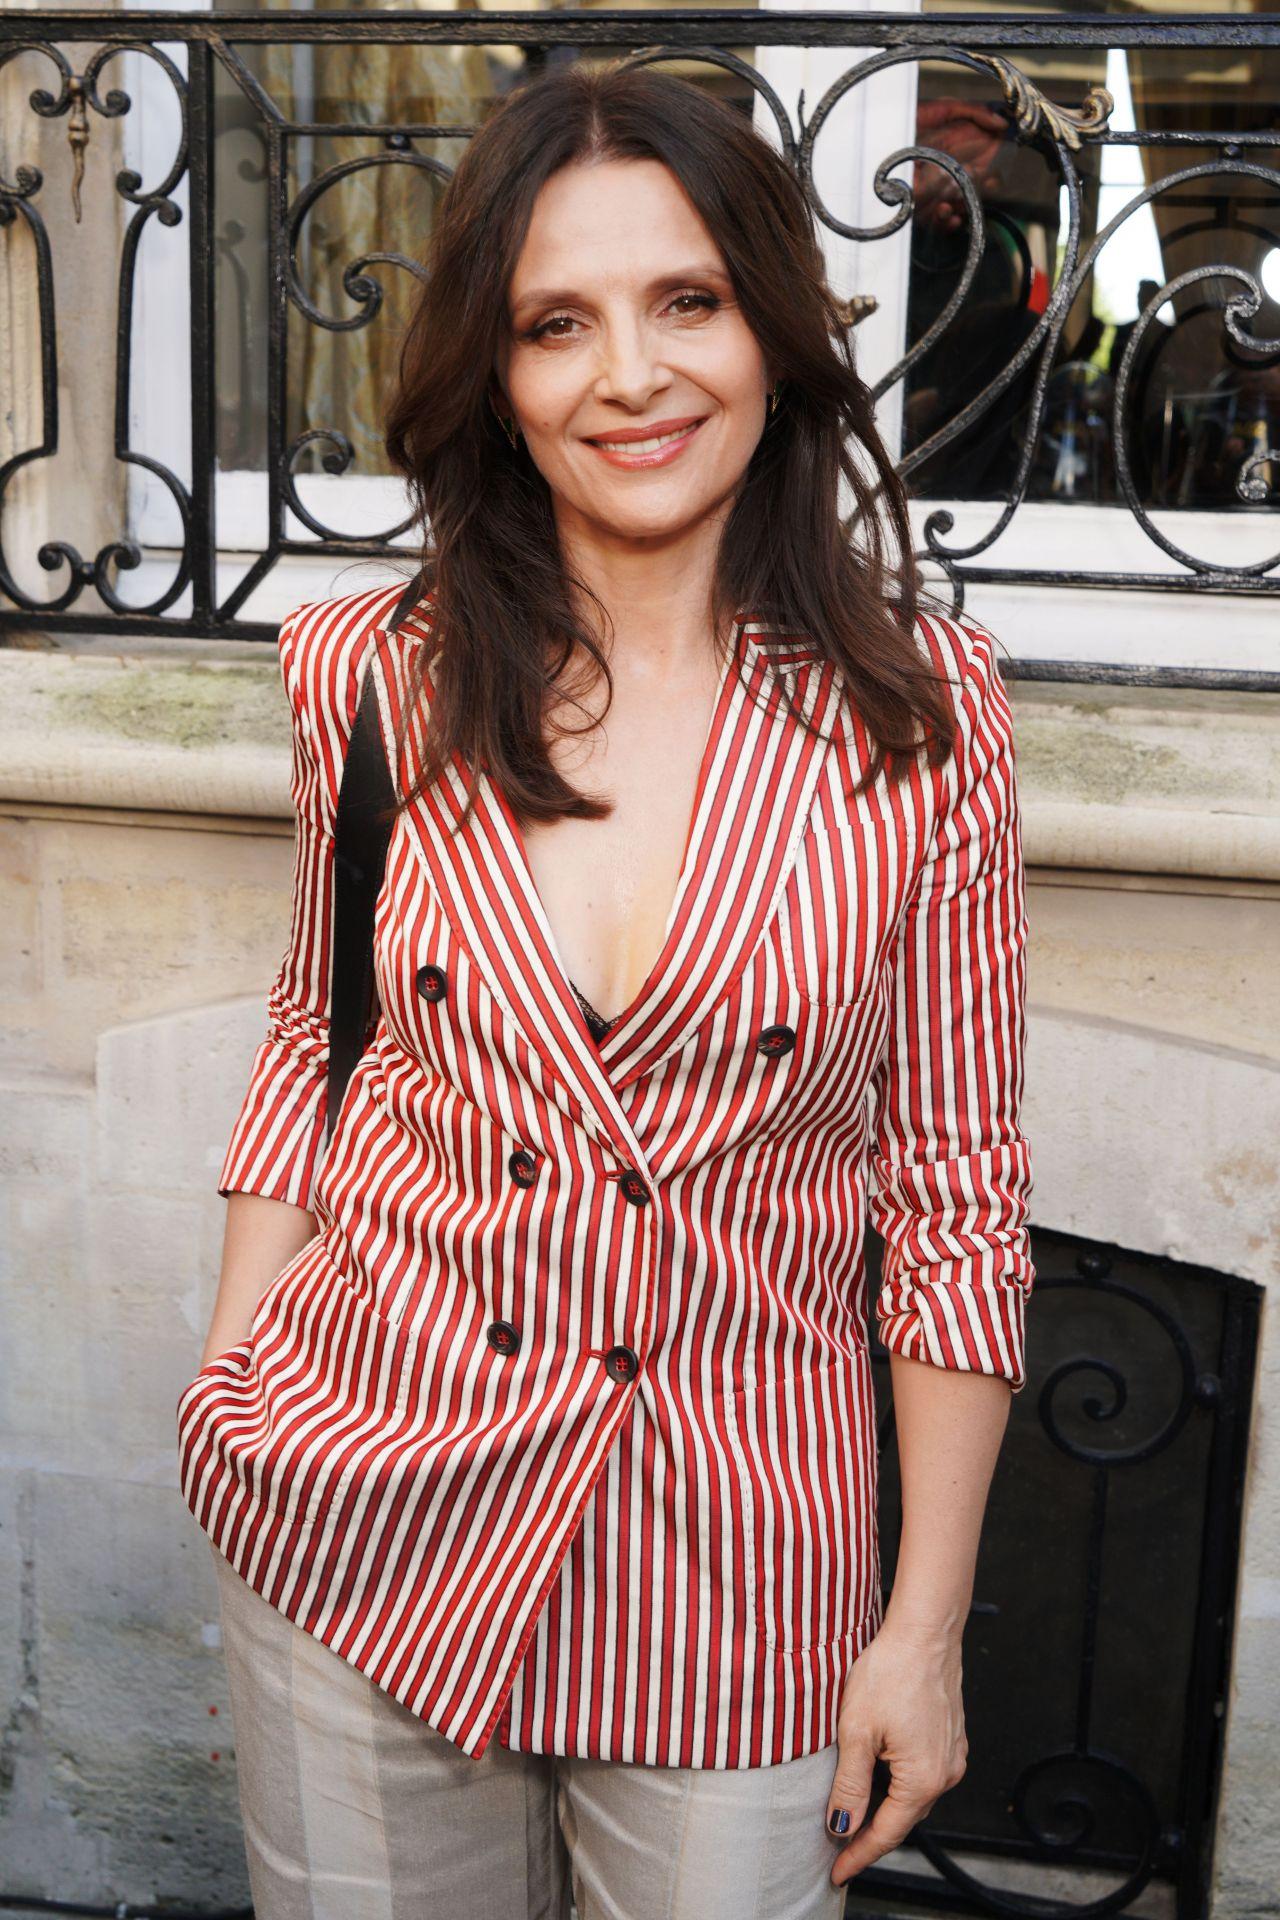 https://celebmafia.com/wp-content/uploads/2018/07/juliette-binoche-giorgio-armani-prive-fashion-show-in-paris-07-03-2018-6.jpg